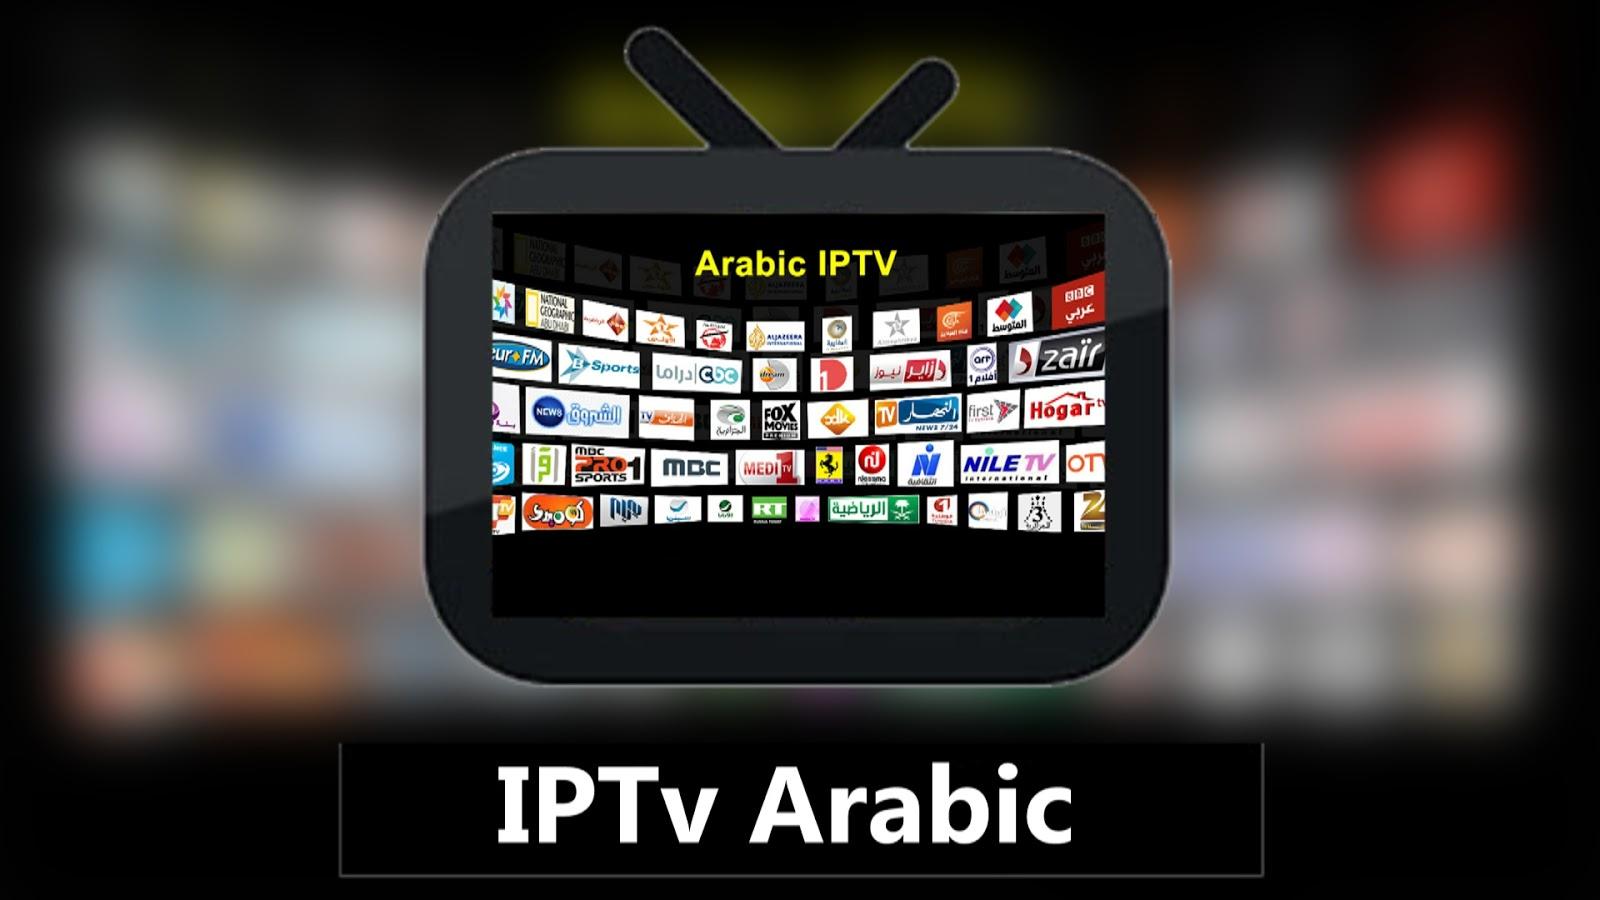 IPTv M3u IPTV Arabic IPTv Free 08-09-2019